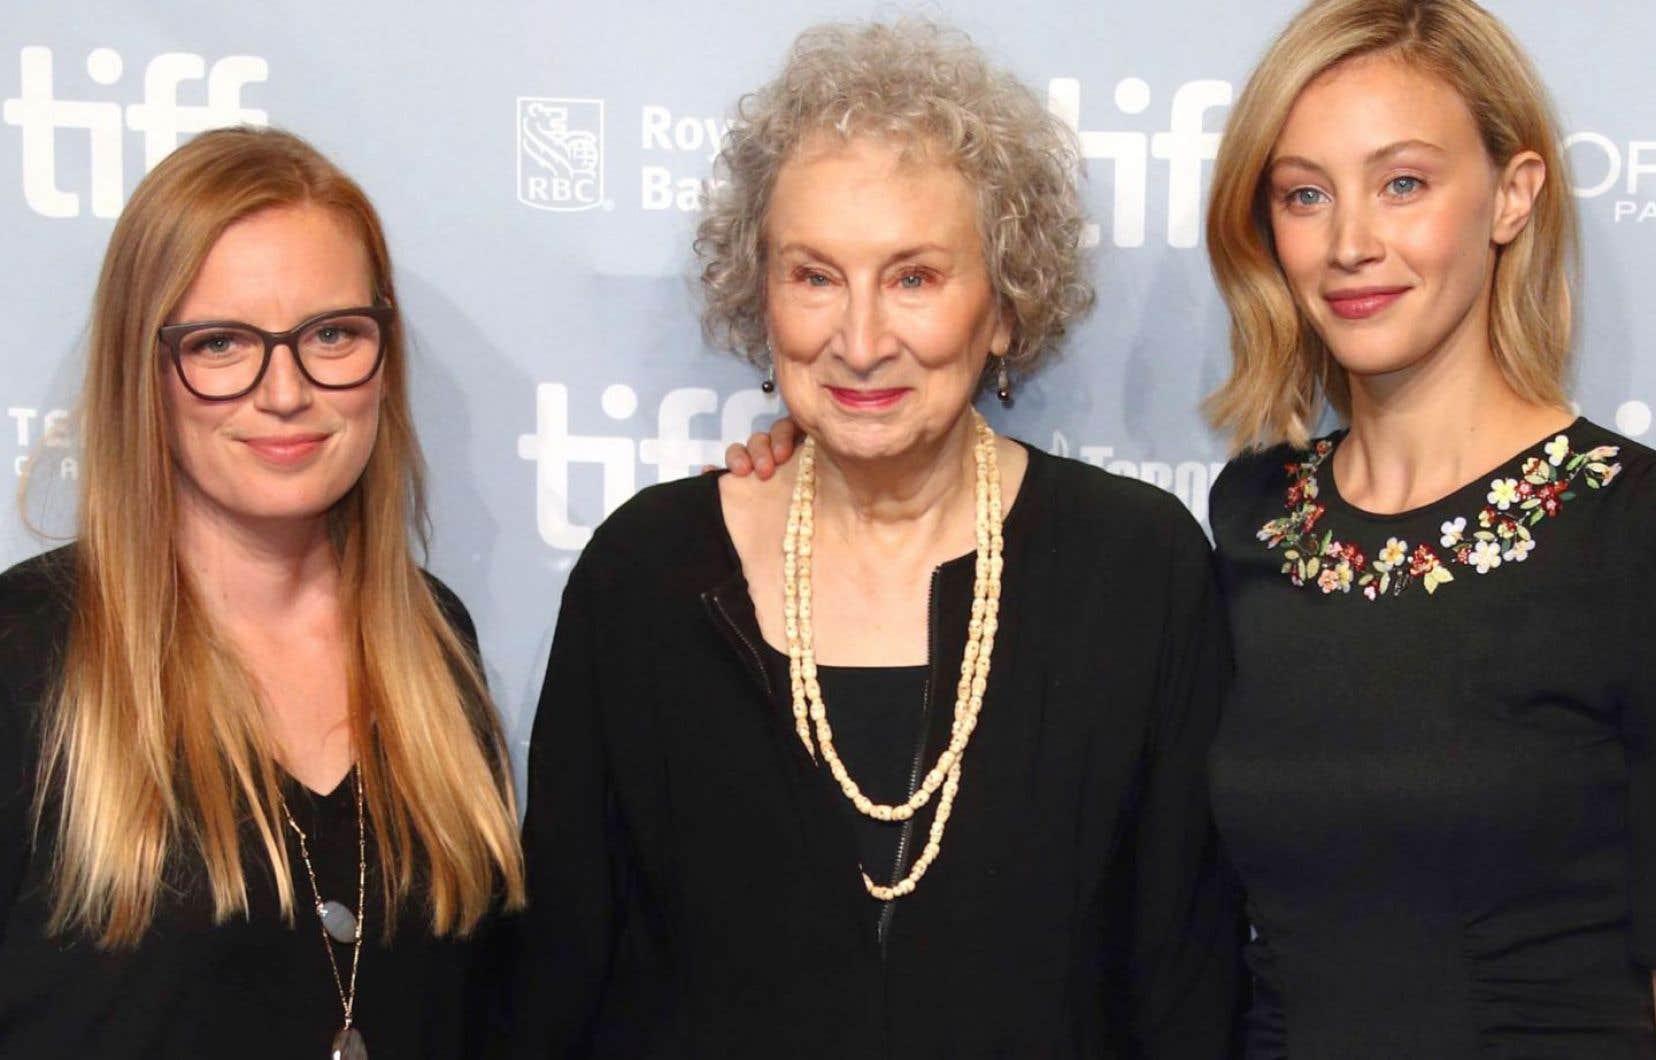 L'actrice et réalisatrice Sarah Polley, l'auteure Margaret Atwood et l'actrice Sarah Gadon ont présenté la minisérie «Alias Grace» au Festival international du film de Toronto, mercredi.